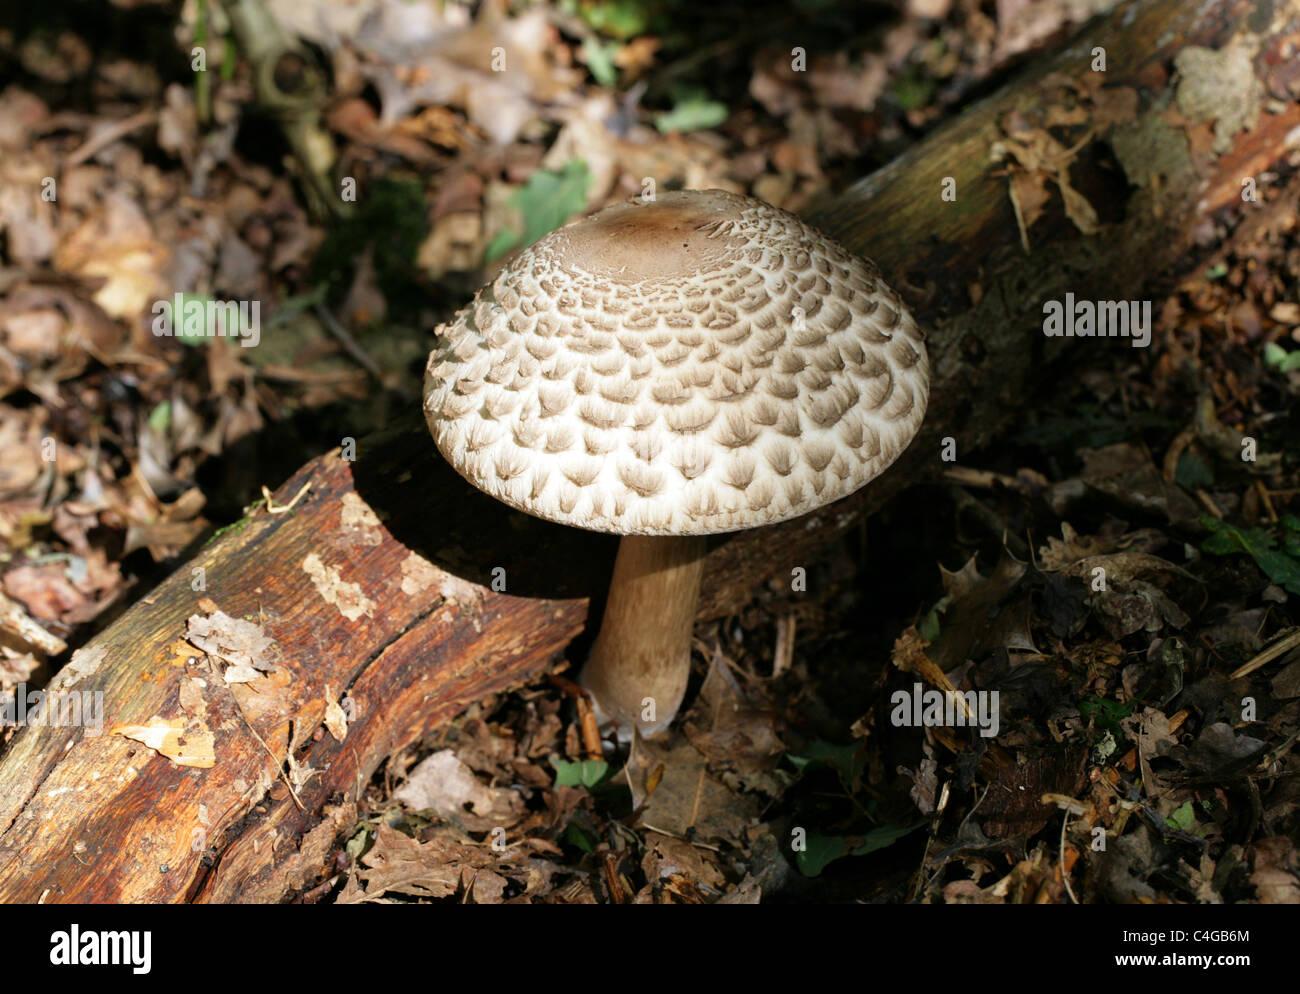 Shaggy Parasol Mushroom, Chlorophyllum rhacodes, Agaricaceae - Stock Image